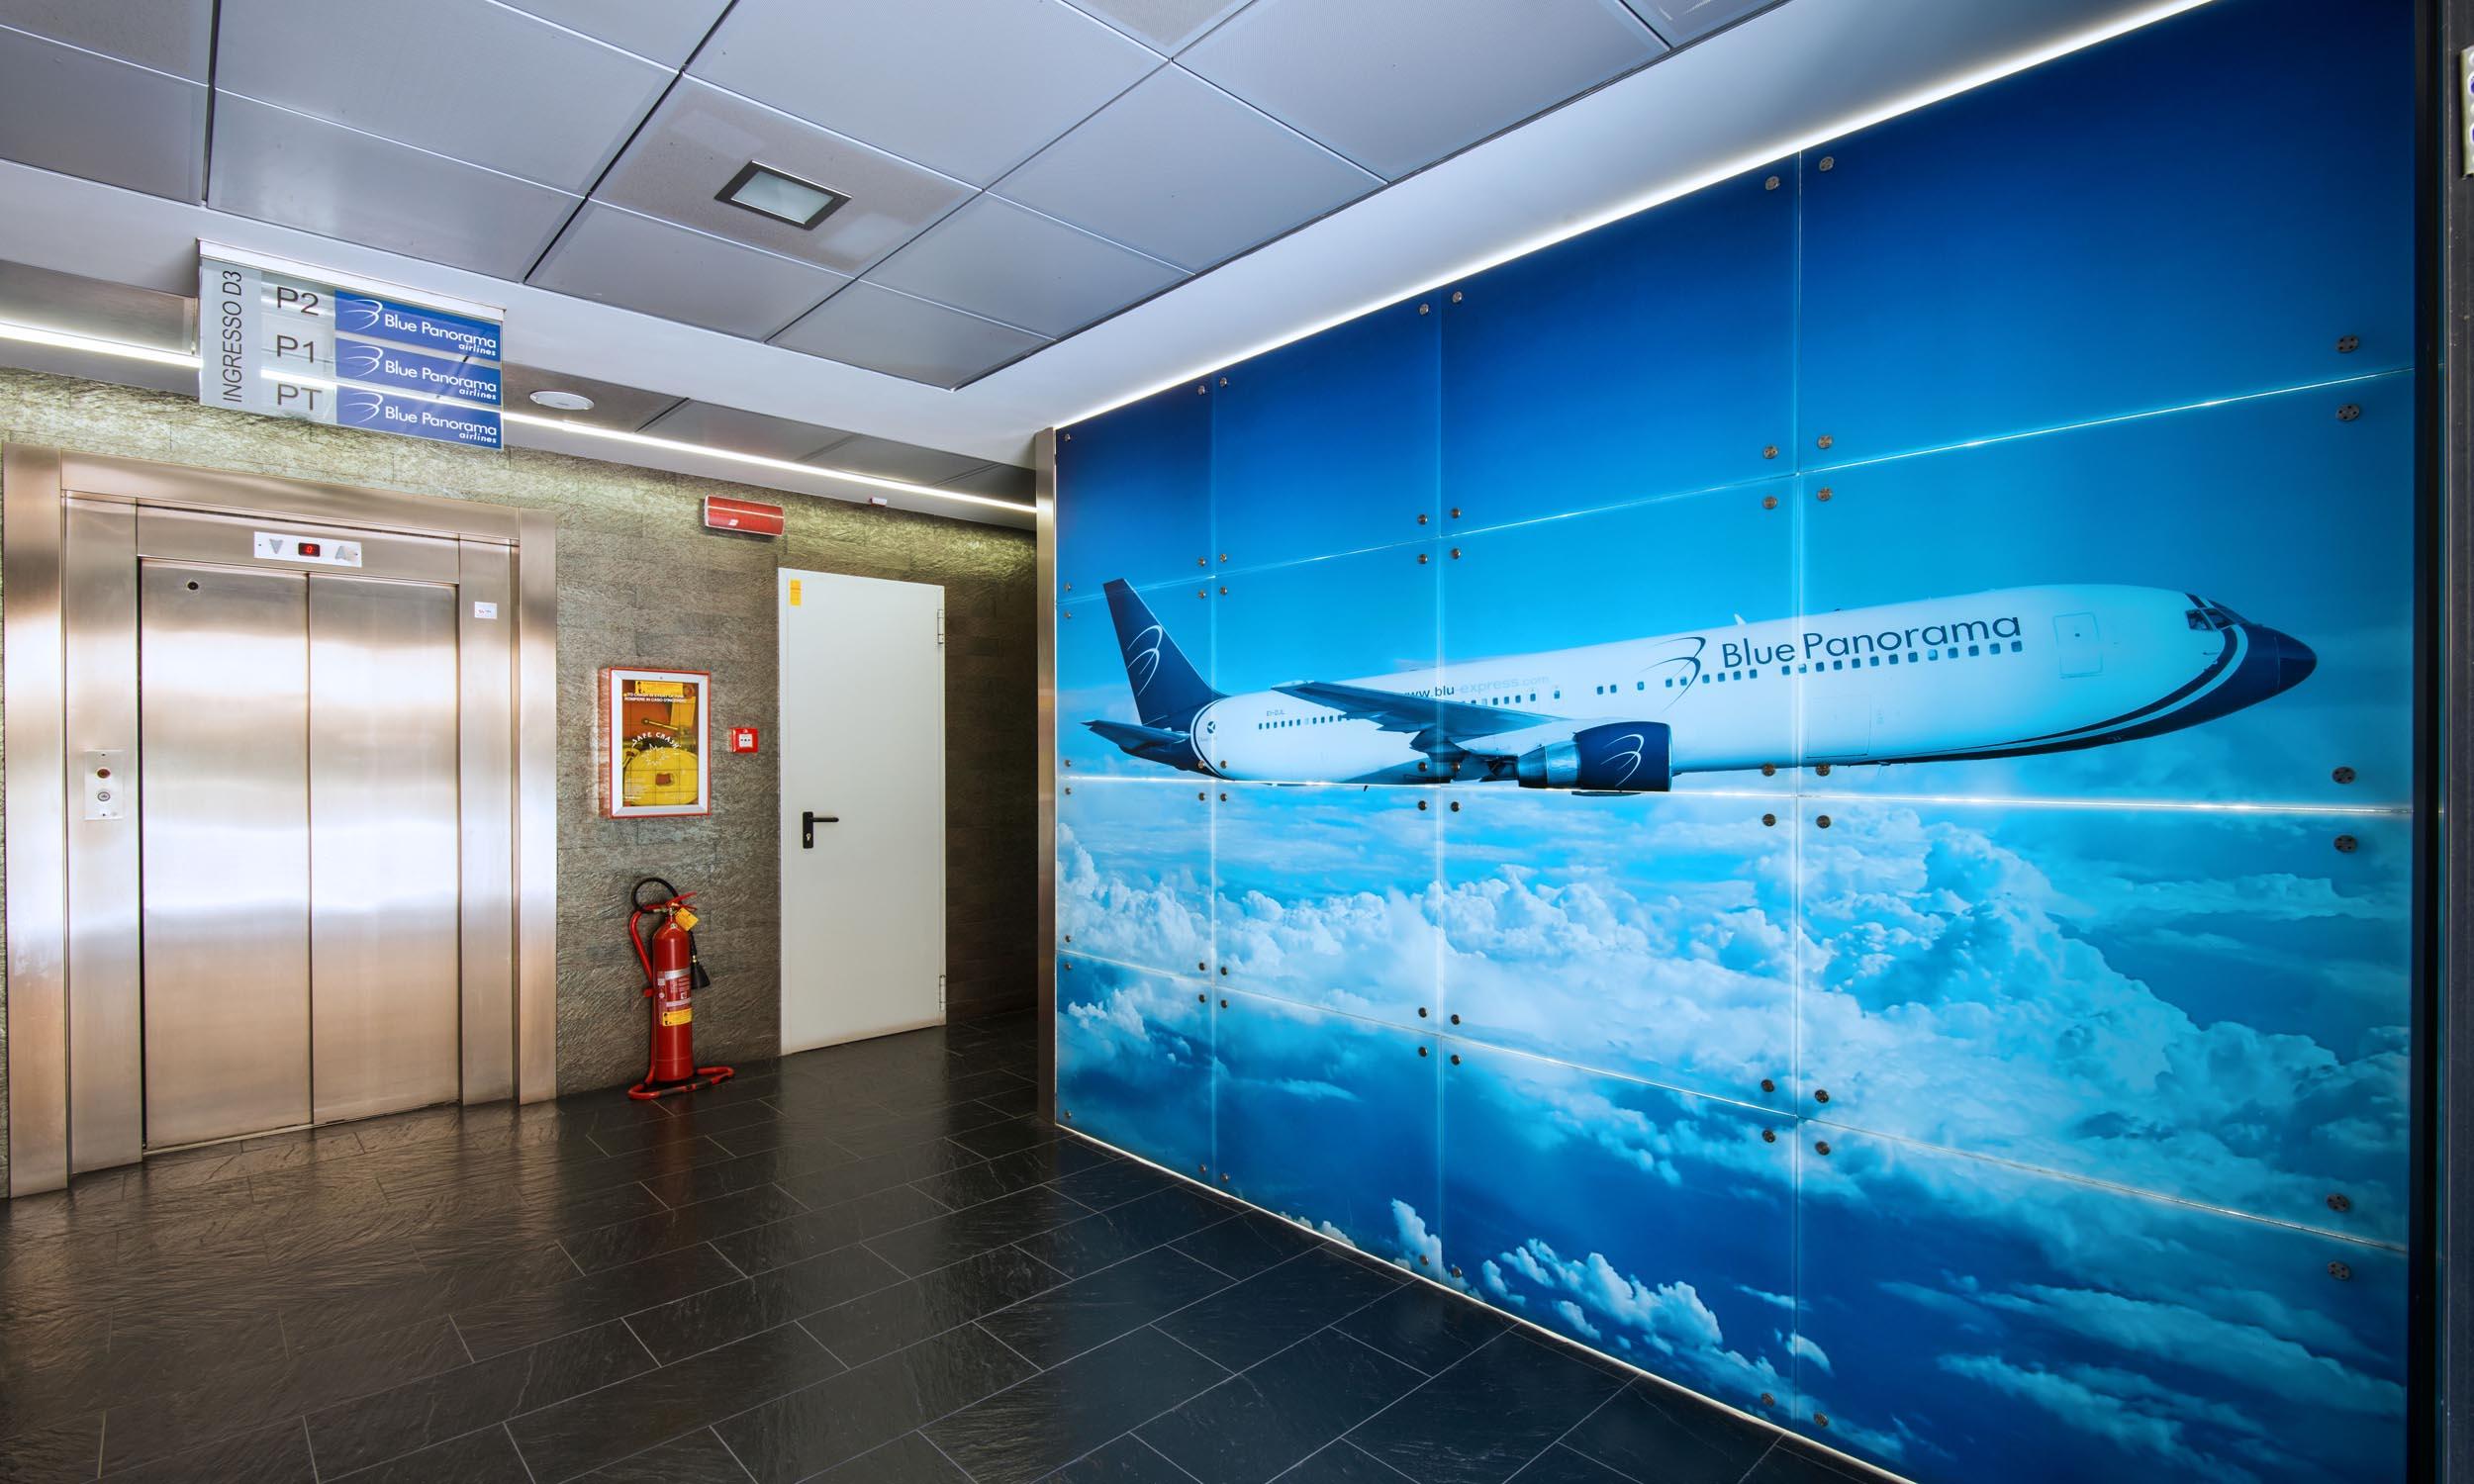 studio-architettura-interior-office-design-uffici-roma-fad-forniti-3